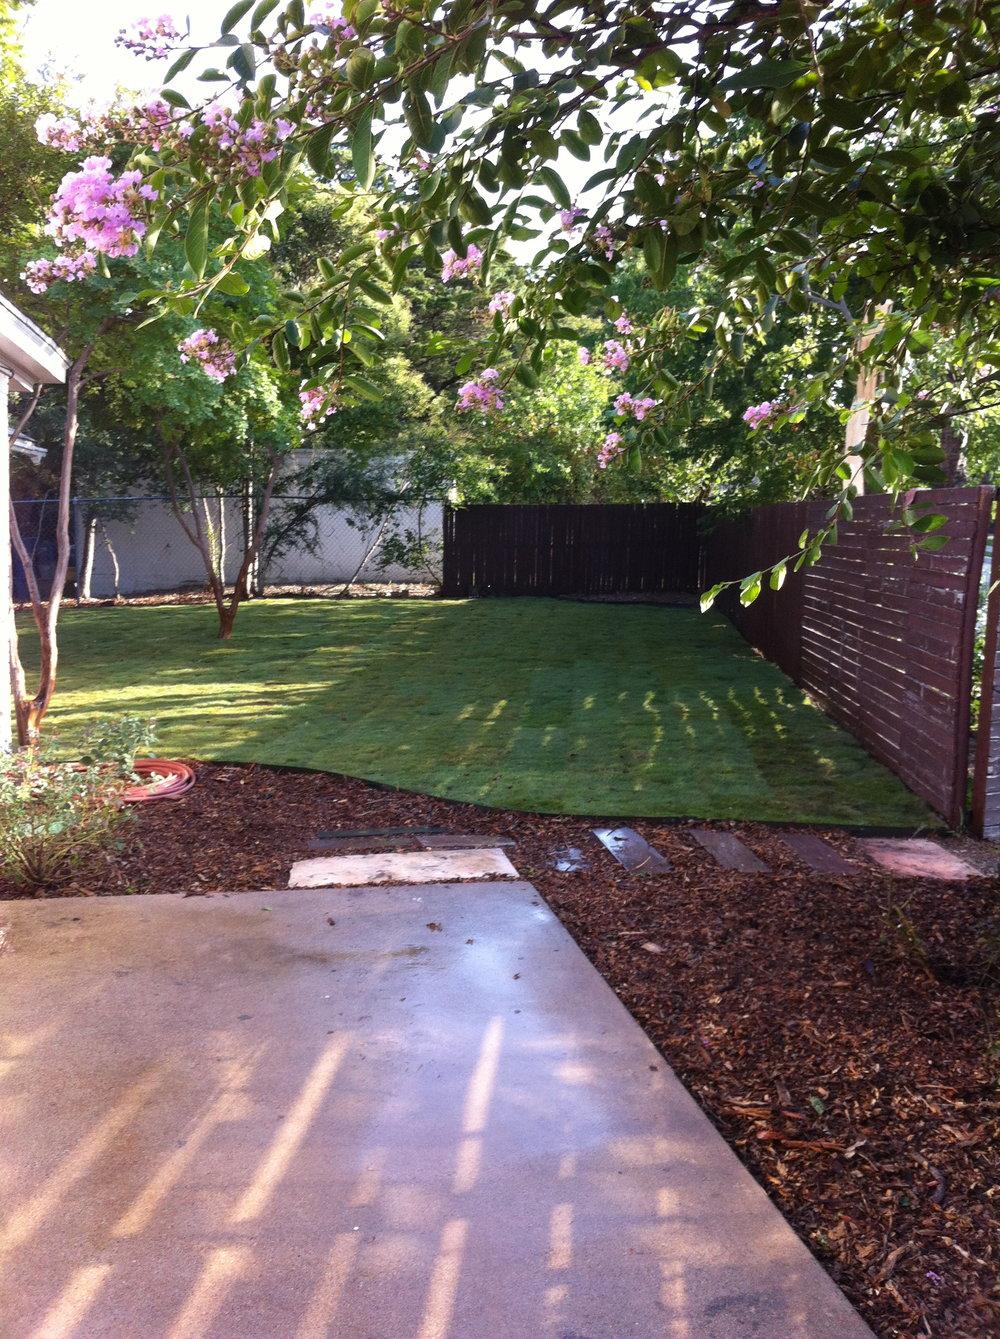 815 backyard.jpg